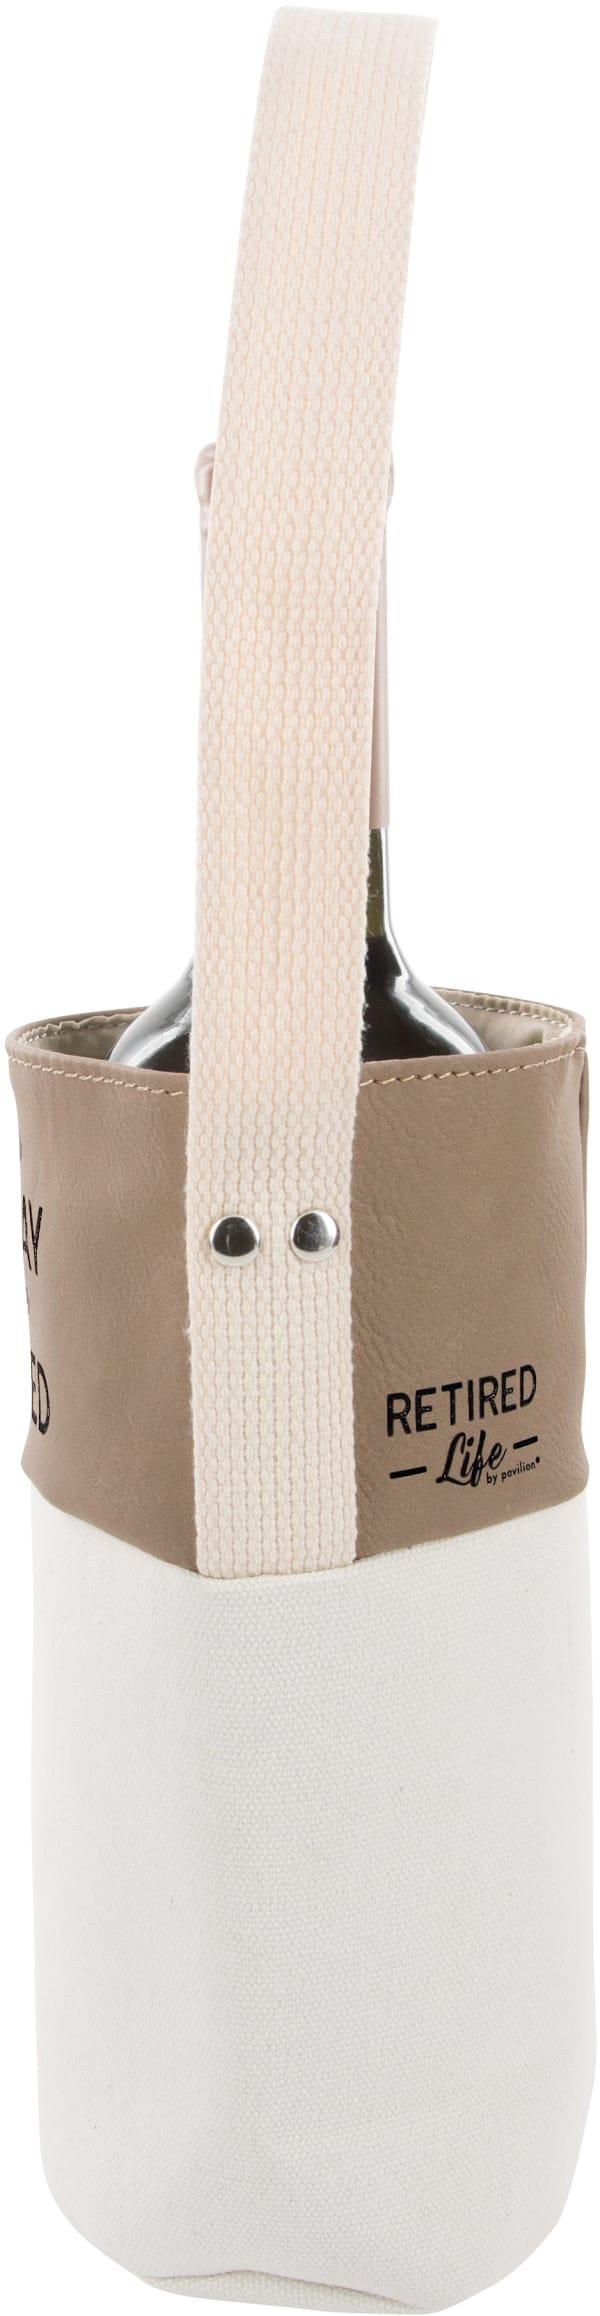 Sip Sip - Canvas Bottle Gift Bag